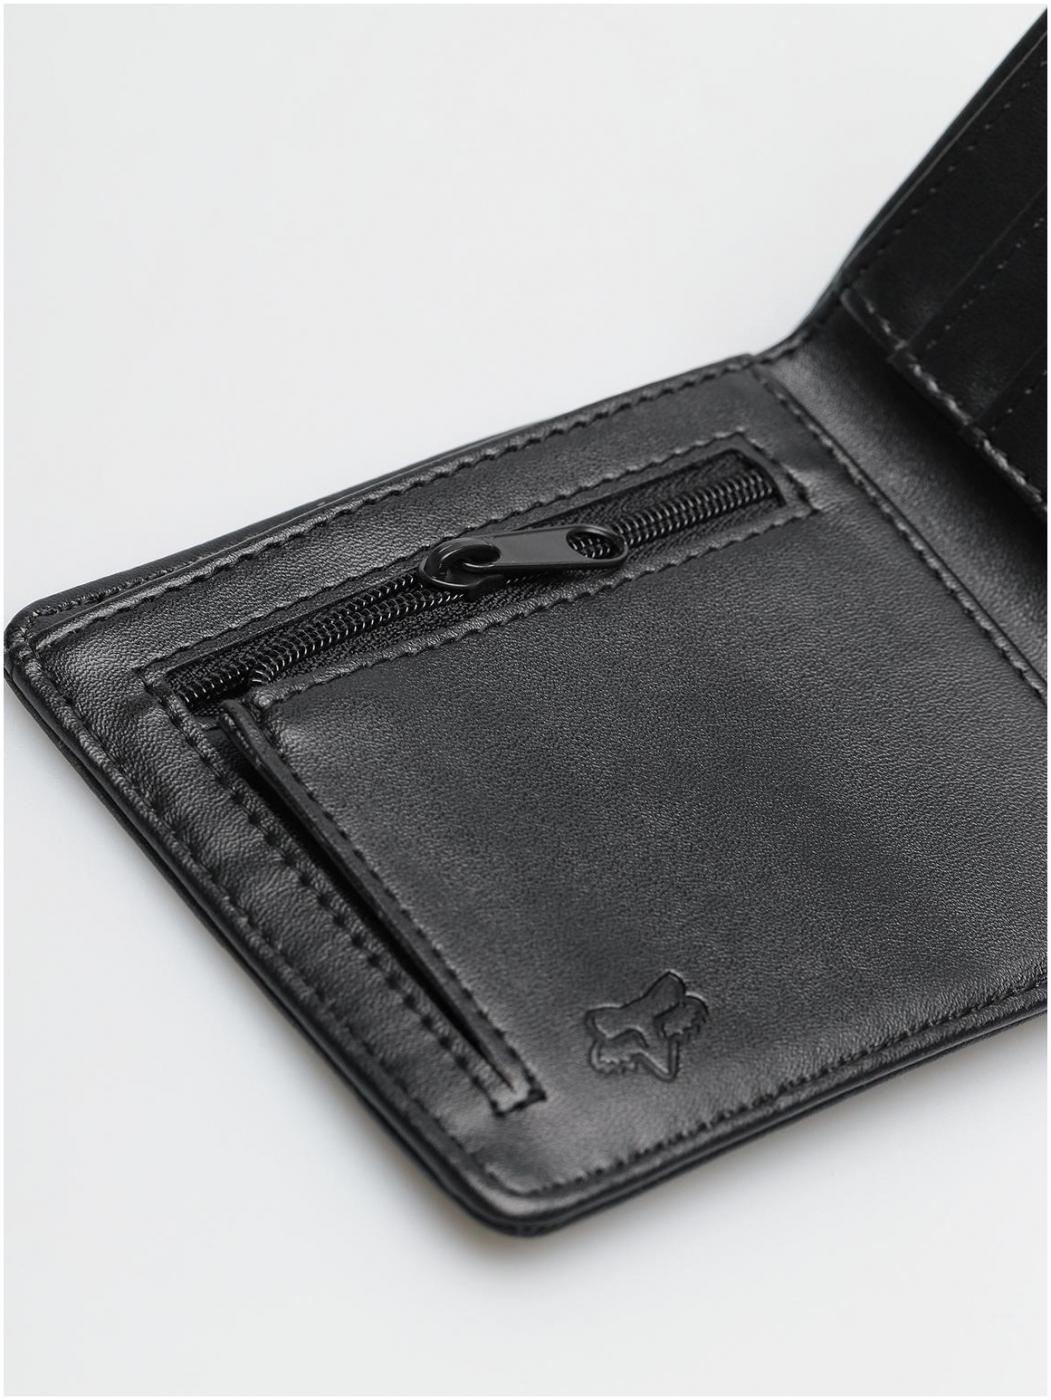 00bde6770a9 FOX peněženka CORE black